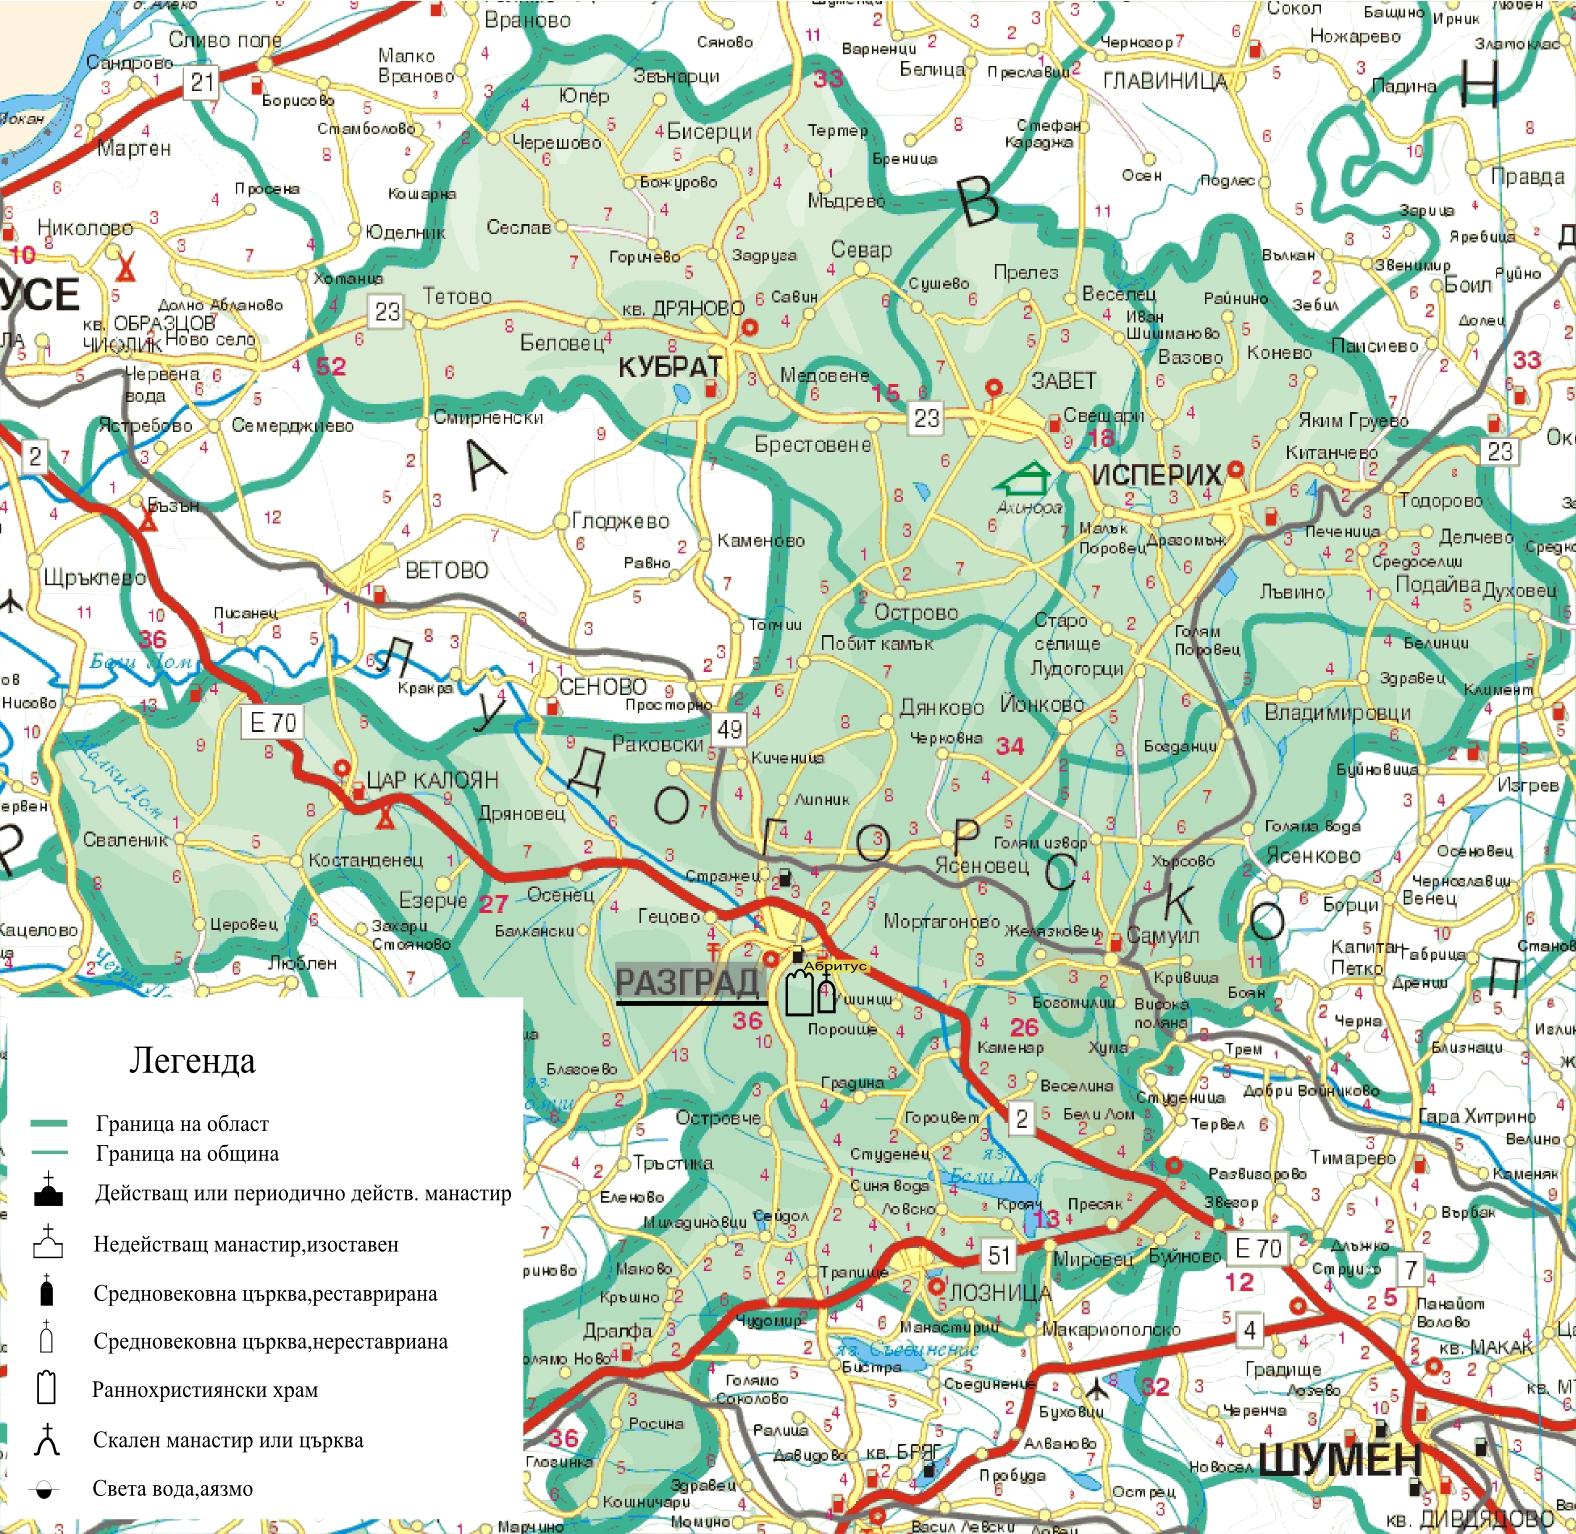 Karta 2019 Karta Na Oblast Razgrad